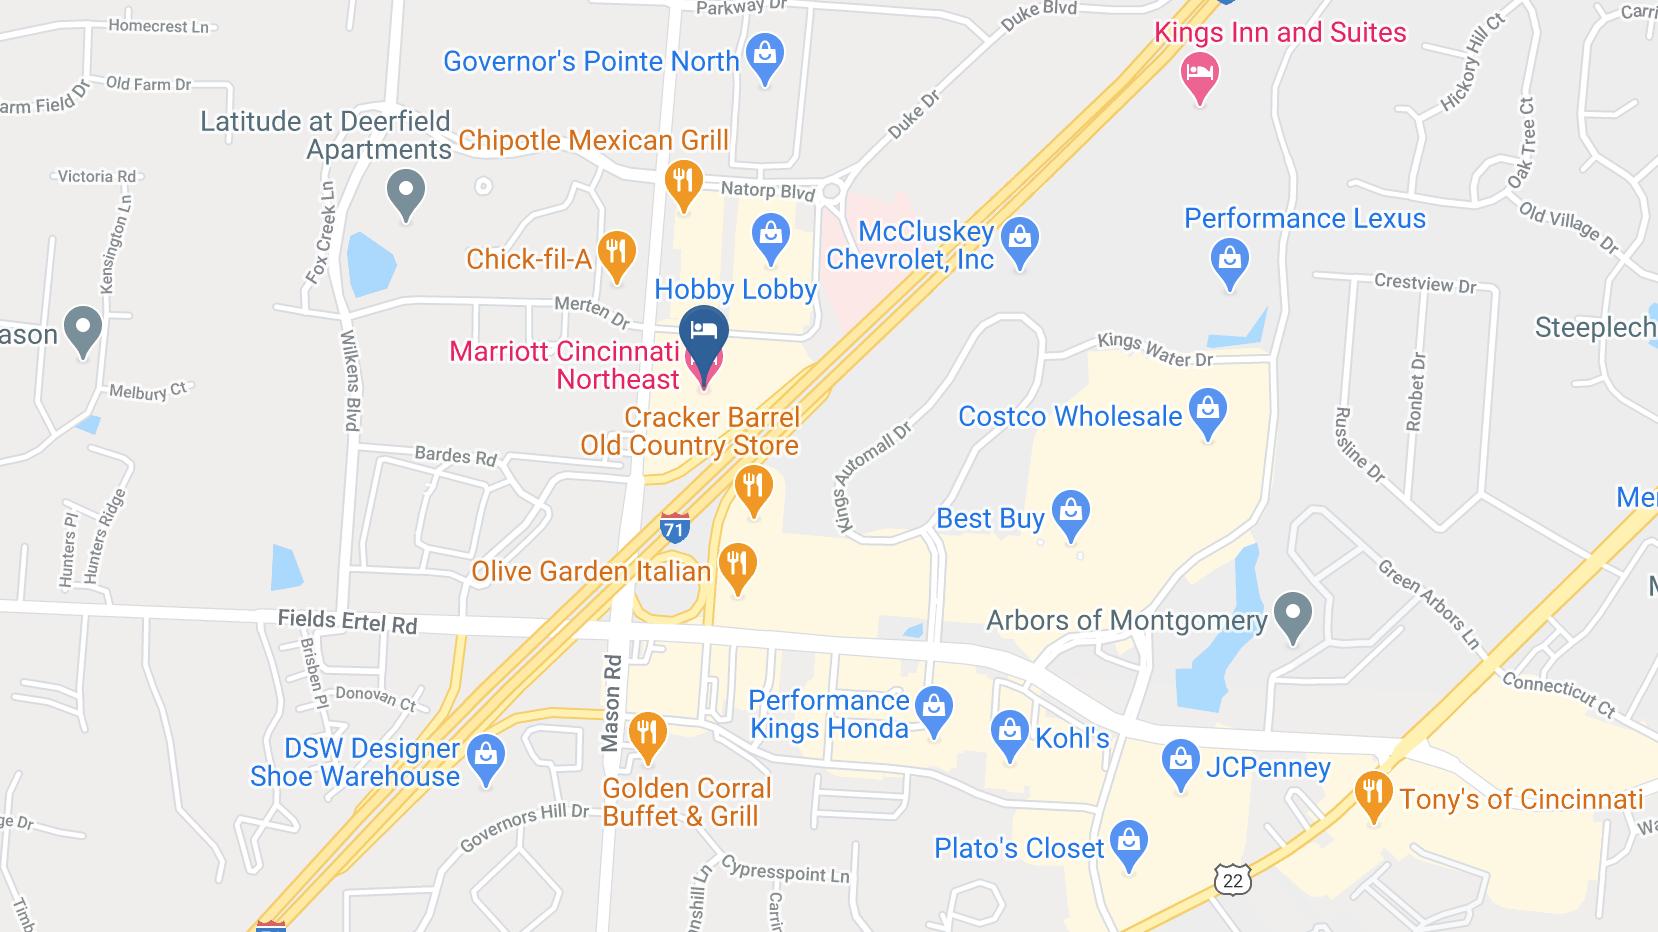 Google Map of Marriott Northeast